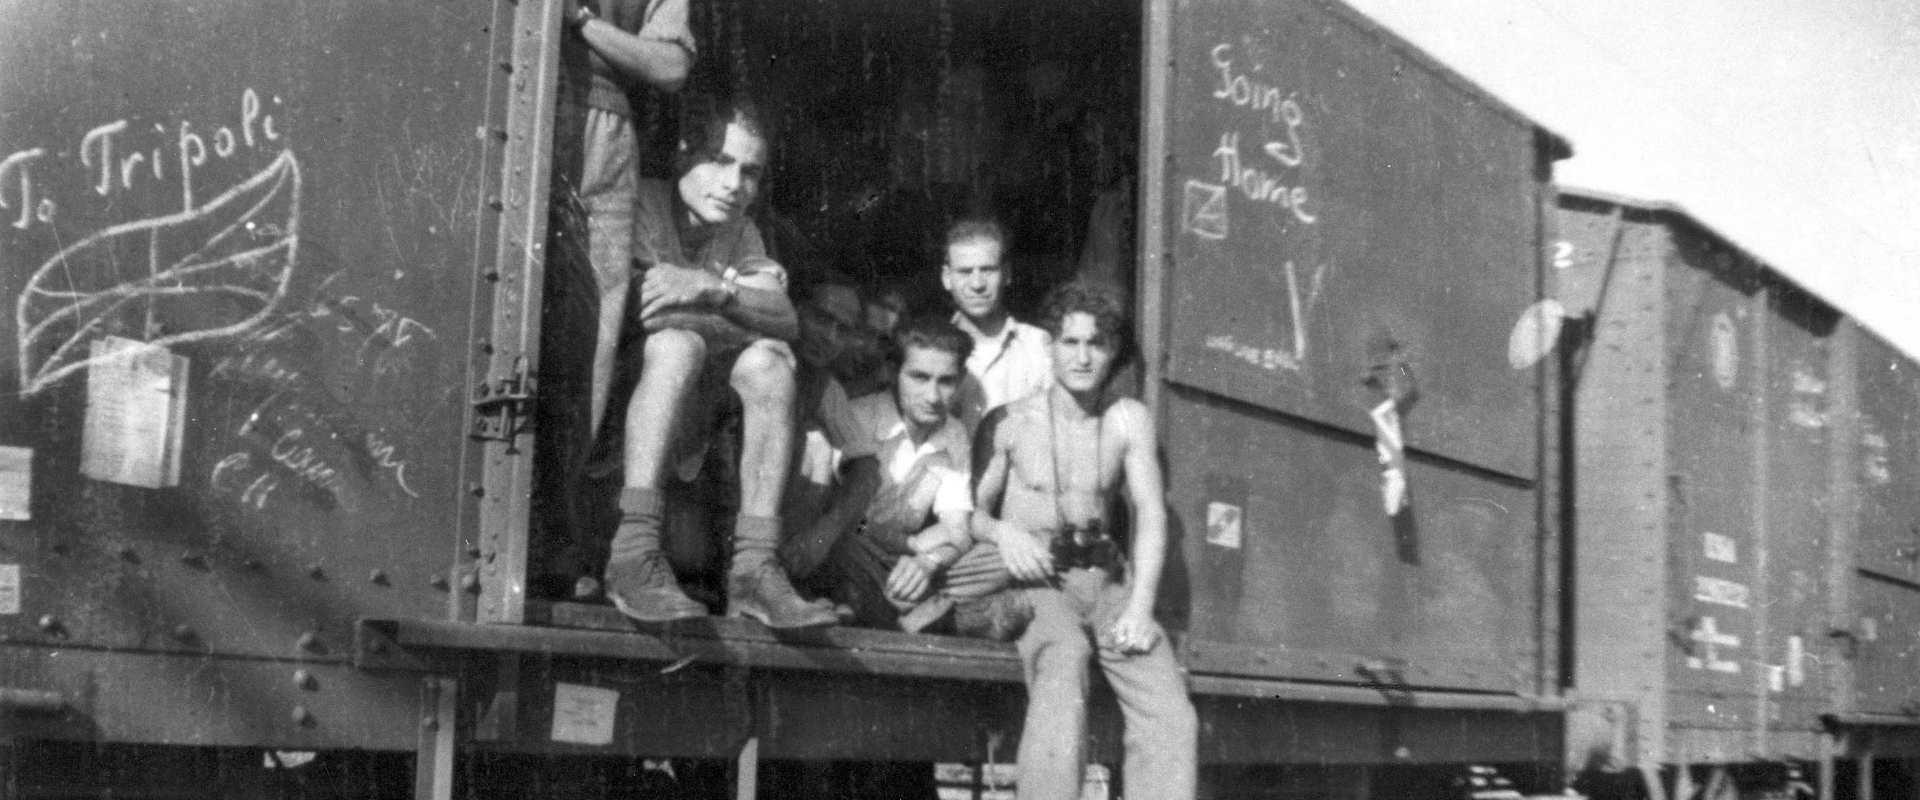 יהודים מלוב ניצולי ברגן בלזן חוזרים לטריפולי, 1945